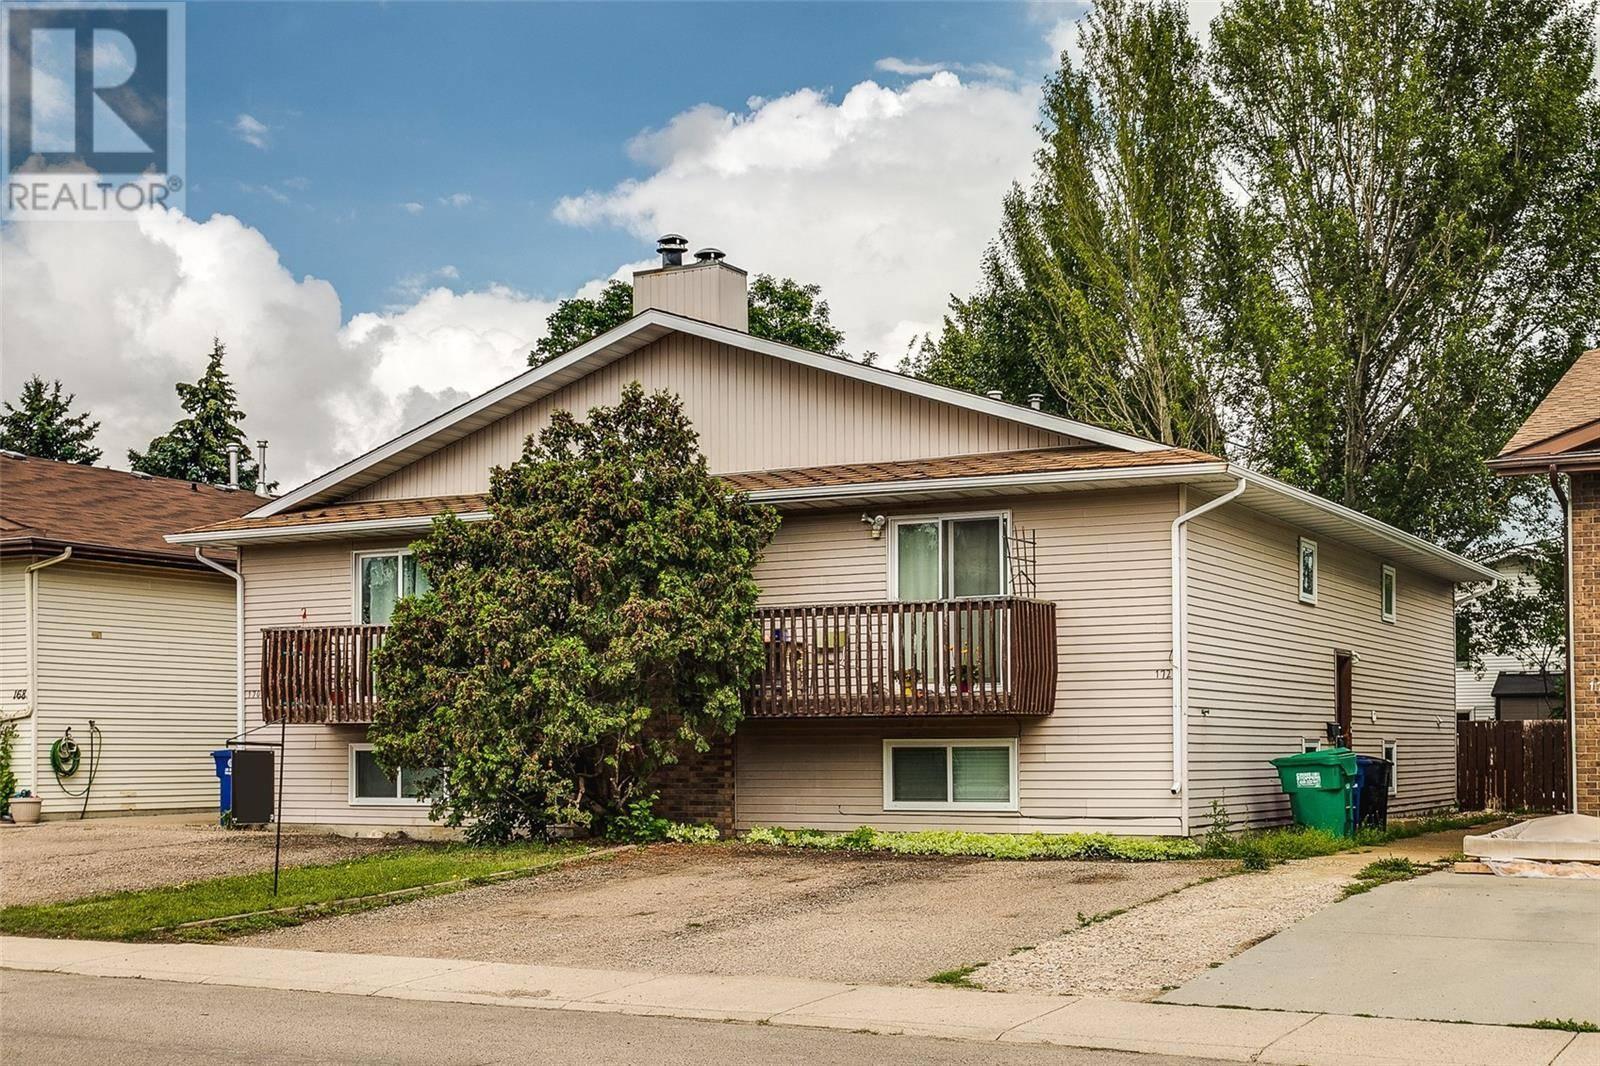 170 - 172 Verbeke Road, Saskatoon | Image 2